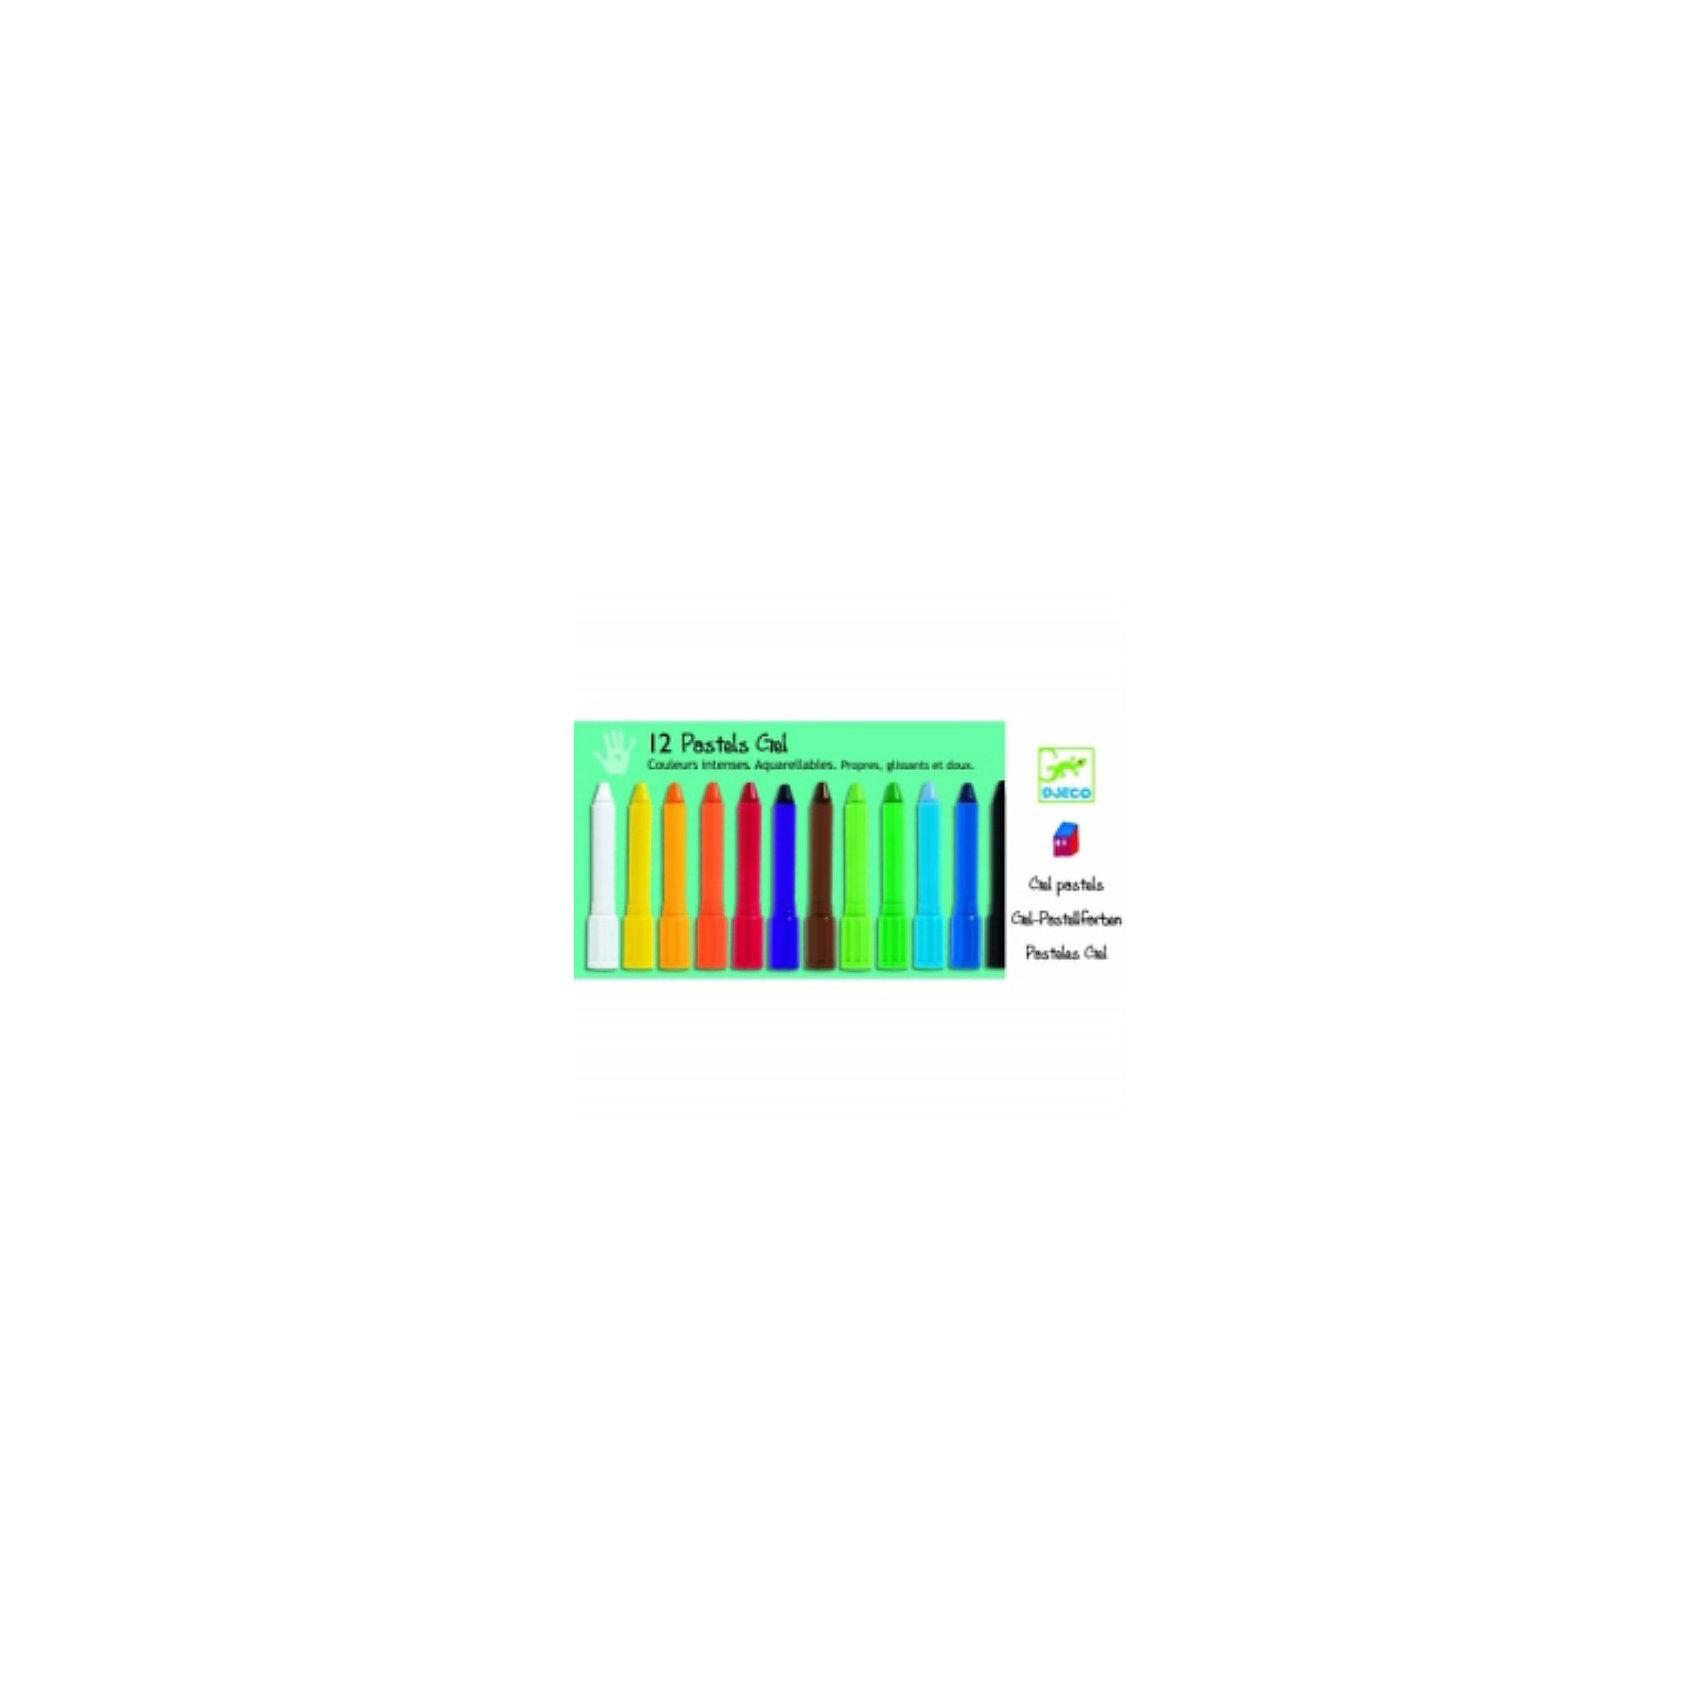 DJECO Набор гелевых фломастеров, 12 штукВ комплекте фломастеров DJECO (Джеко) 12 пластиковых футляров с гелиевой пастелью разных ярких цветов. Фломастеры очень мягкие и удобные легко скользят по бумаге и легко выкручиваются из футляров.<br><br>Дополнительная информация:<br><br>- Материал футляров: пластмасса. <br>- Размер упаковки: 11 x 24 x 2 см.<br>- Вес: 0,3 кг.<br><br>Рисование фломастерами поможет развить цветовосприятие, мелкую моторику и воображение.<br><br>Набор гелевых фломастеров DJECO (Джеко) можно купить в нашем магазине.<br><br>Ширина мм: 115<br>Глубина мм: 22<br>Высота мм: 250<br>Вес г: 200<br>Возраст от месяцев: 24<br>Возраст до месяцев: 60<br>Пол: Унисекс<br>Возраст: Детский<br>SKU: 2200031